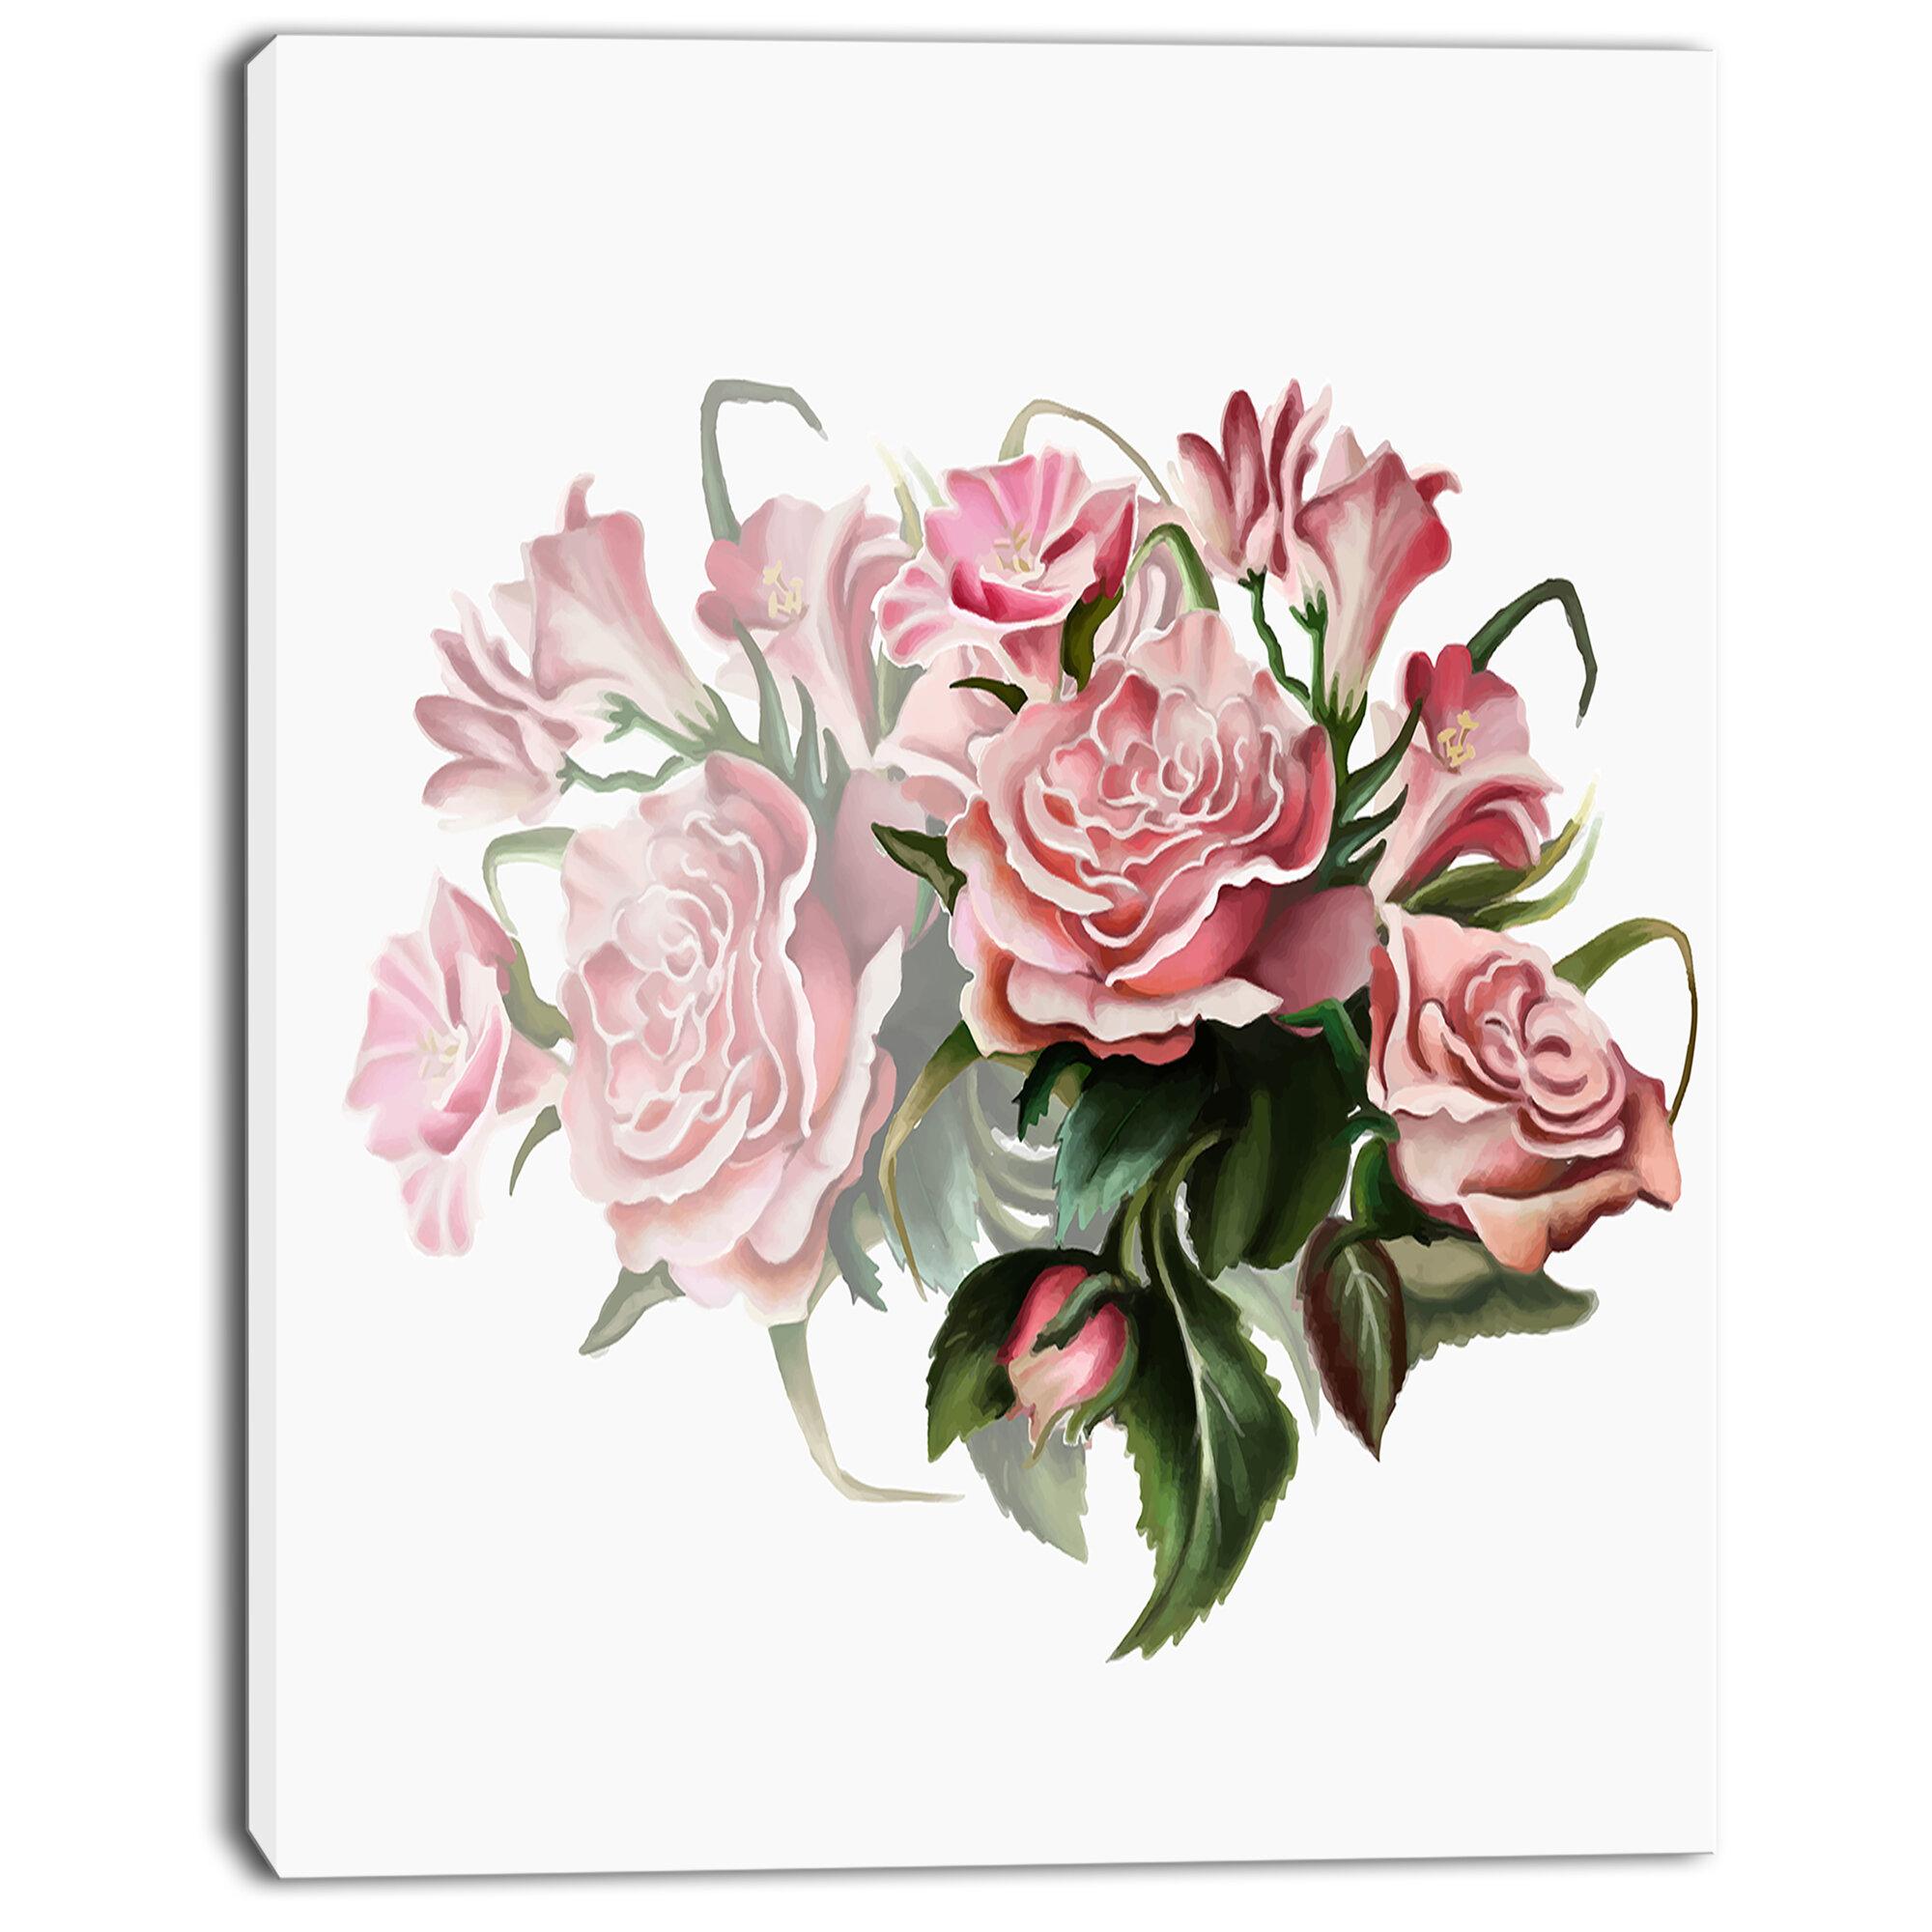 A Summer Bouquet by George E Hicks Art Girl Garden Rose Flowers 8x10 Print 0724